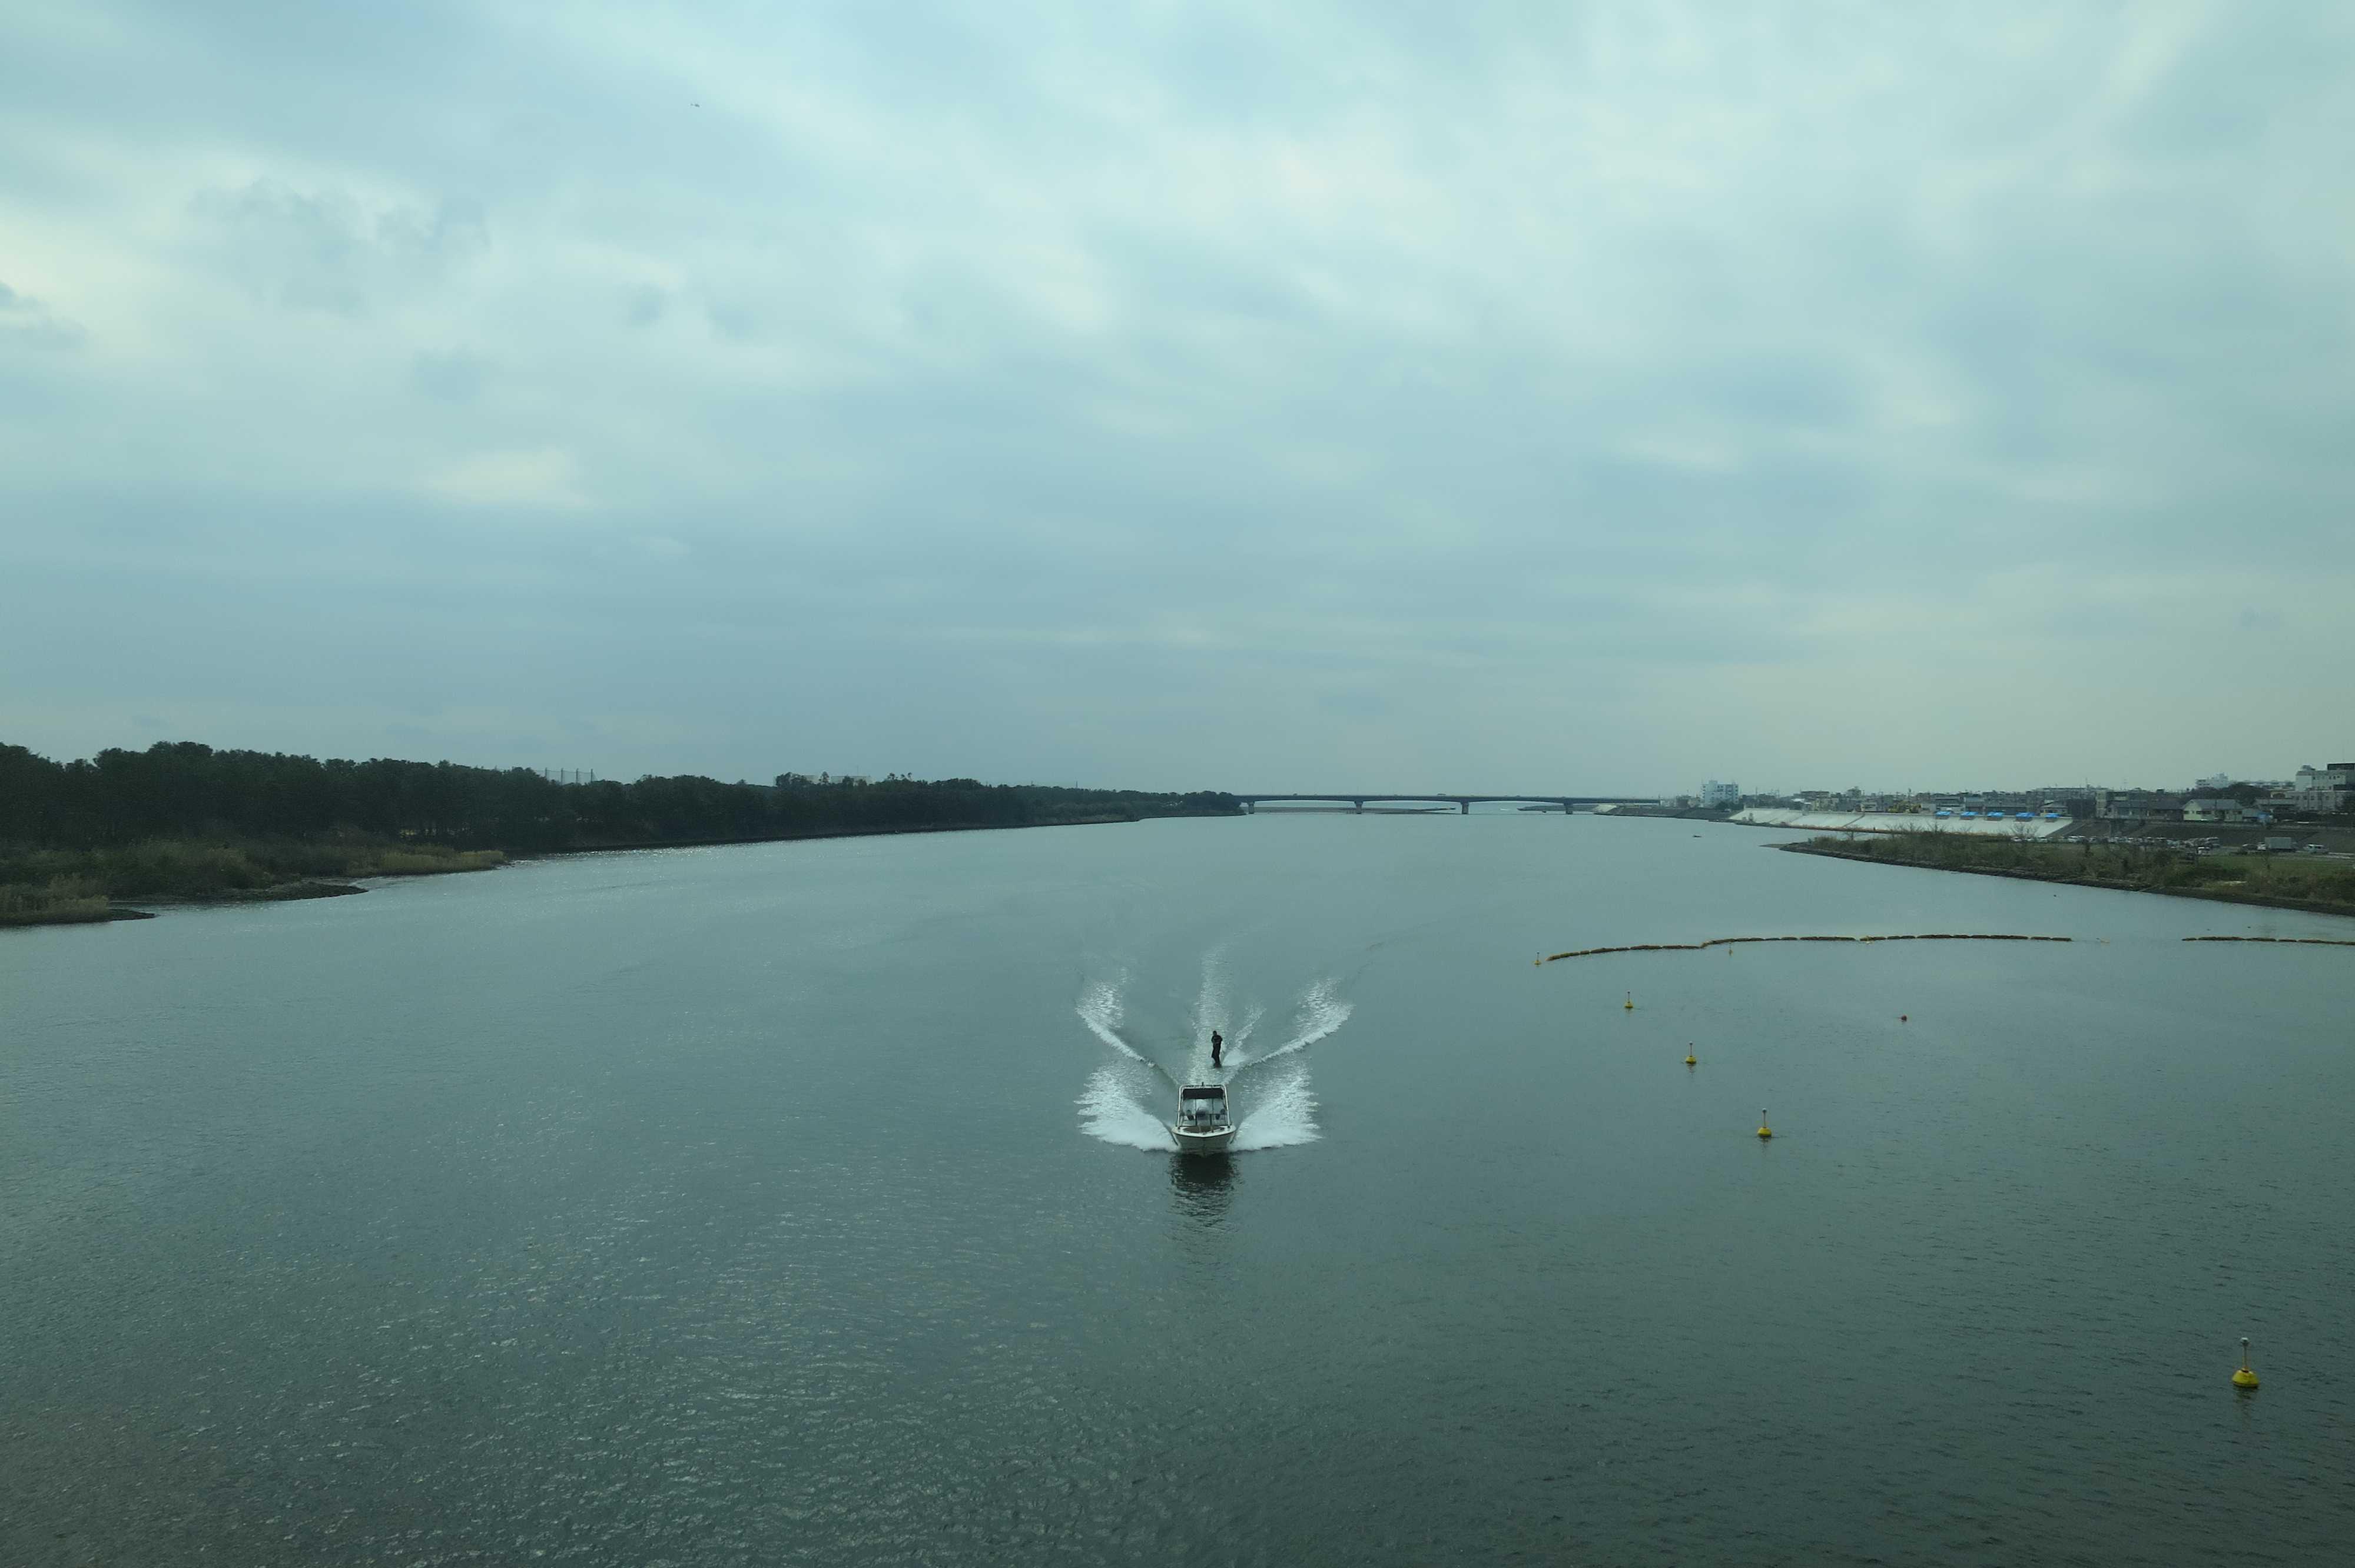 東海道線の車窓 - 相模川で水上スキー